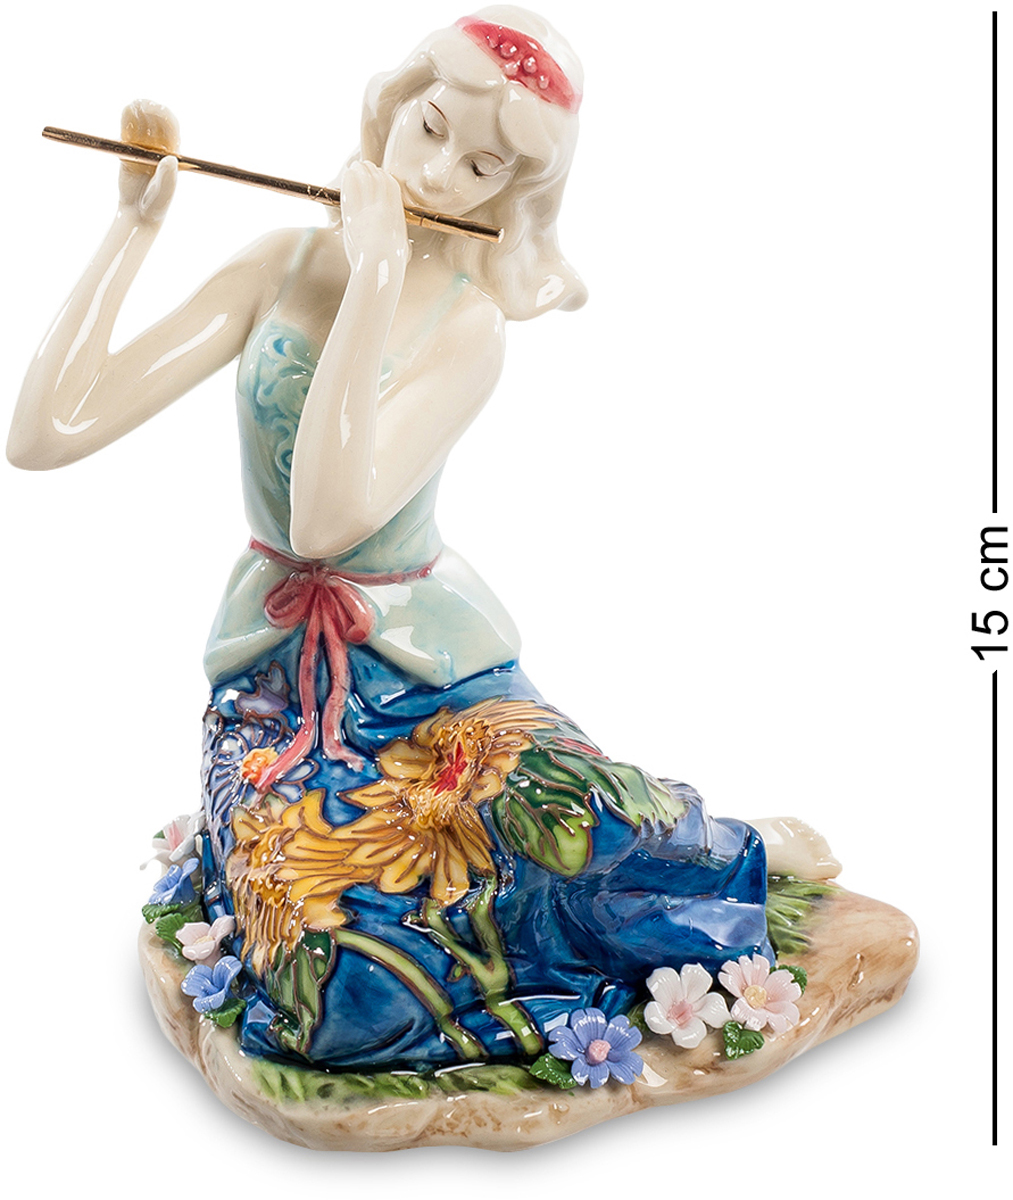 Статуэтка девушка Pavone Волшебная флейта. JP-37/ 6FS-80299Статуэтка Девушки высотой 15 см.Волшебный звук флейты предвещает прекрасные минуты музыкального наслаждения.Статуэтка девушки с волшебной флейтой – это нечто сказочное. Она просто удивительна. В ней яркие краски и красота природы создают единую симфонию. От статуэтки исходит нежность и утонченность. Она вся пропитана искусством. Тонкие пальцы девушки нежно охватывают флейту. Статуэтка девушка Волшебная флейта для людей, которые ценят изысканность. Цветы на подоле платья превосходно дополняются мелкими цветочками, которые расположены на камне. Яркие цвета удивительно сочетаются с нежными и светлыми оттенками.